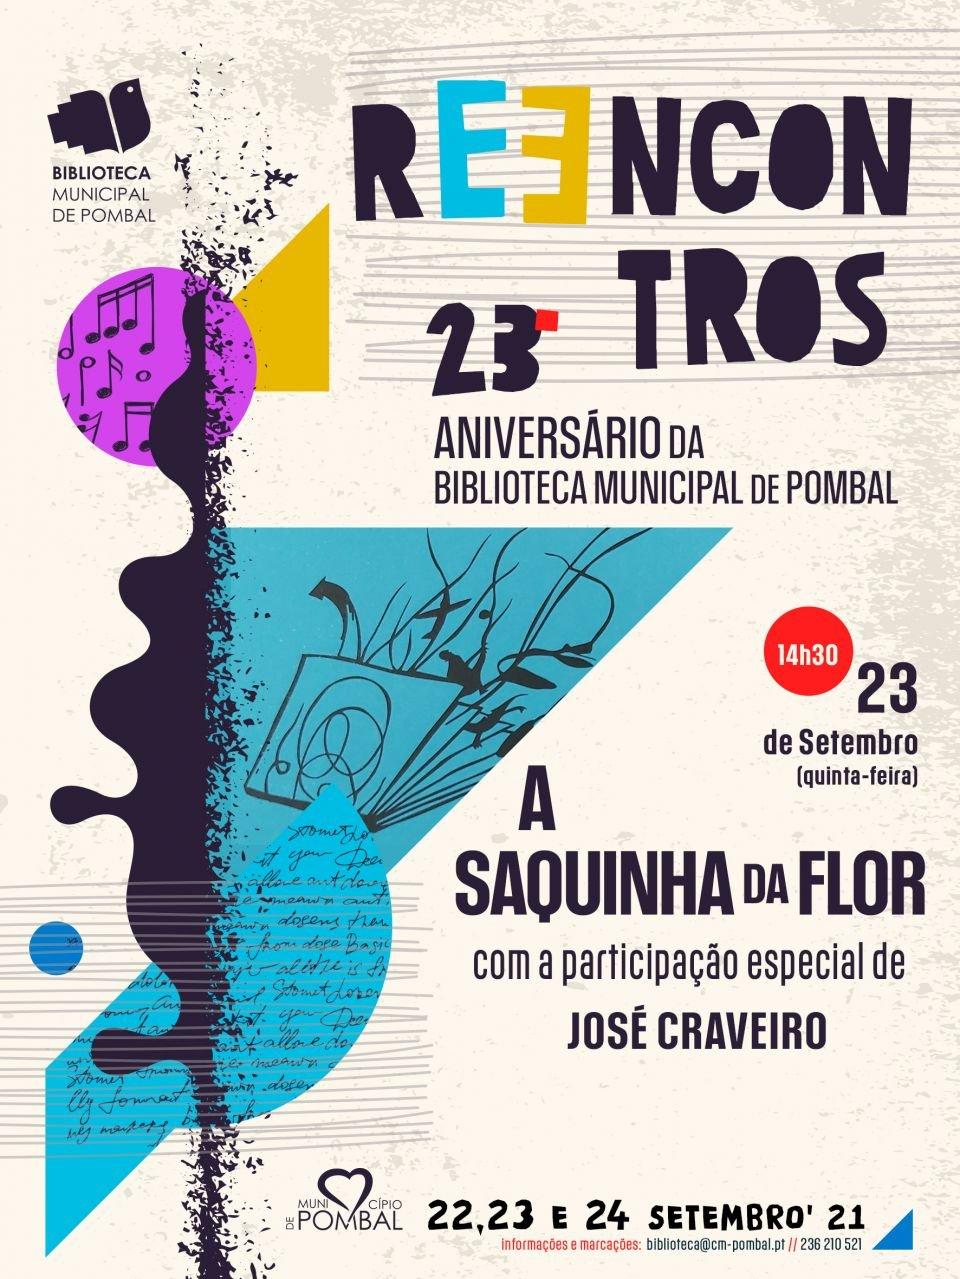 A Saquinha da Flor com José Craveiro